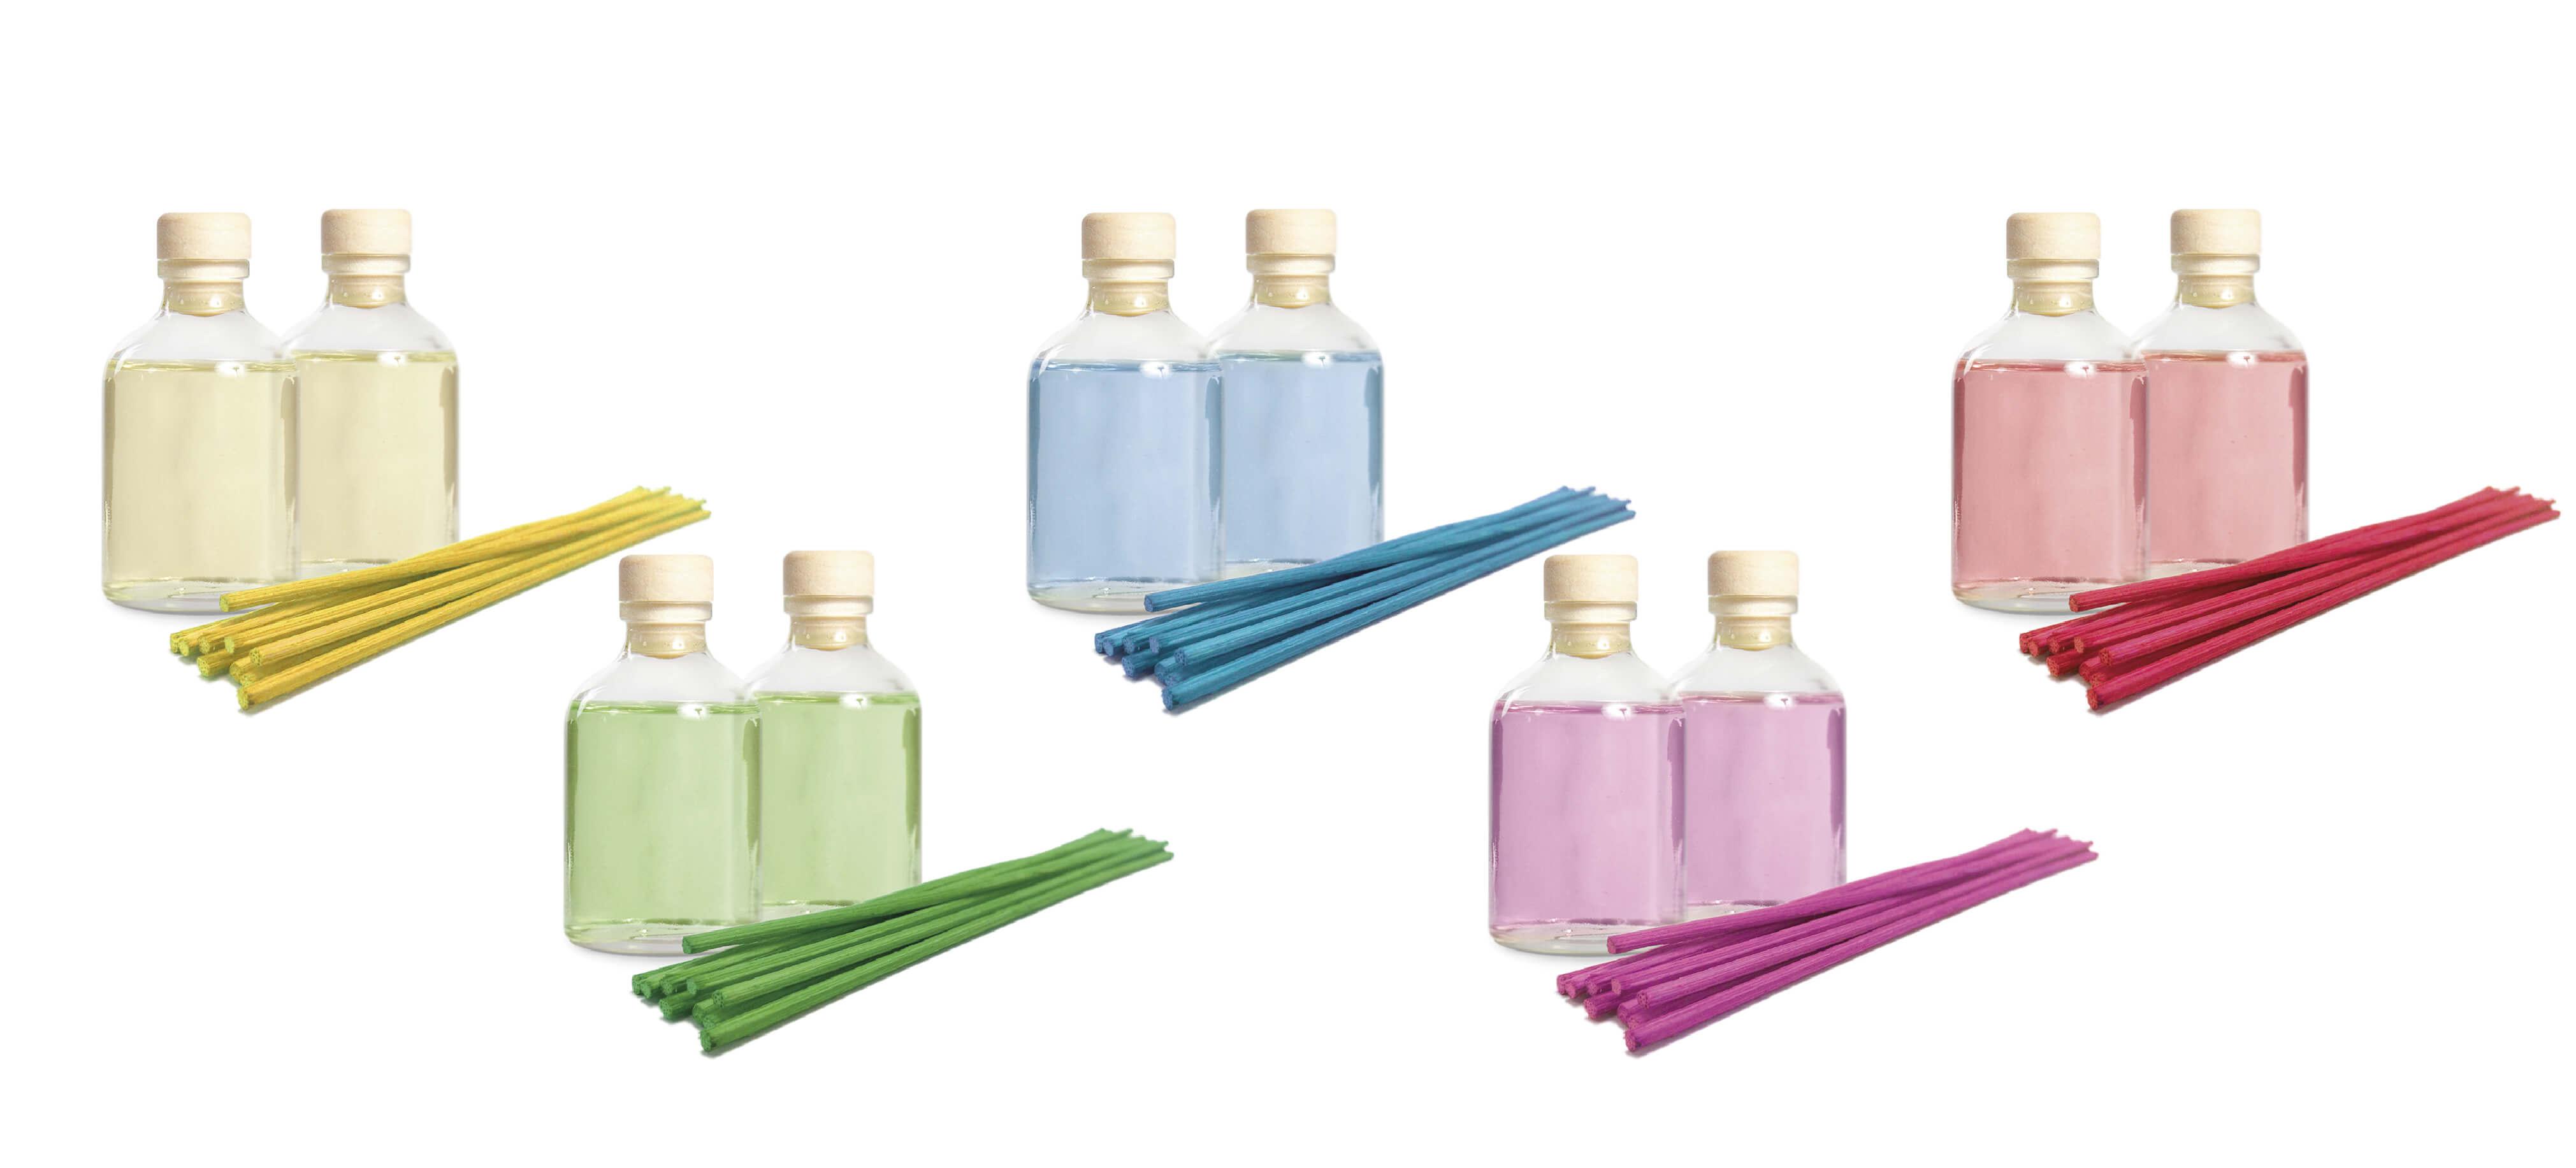 Compra tu Recambio Mikado Absorbe Olores Mascotas 30 ml en tu aroma preferido en Cristalinas